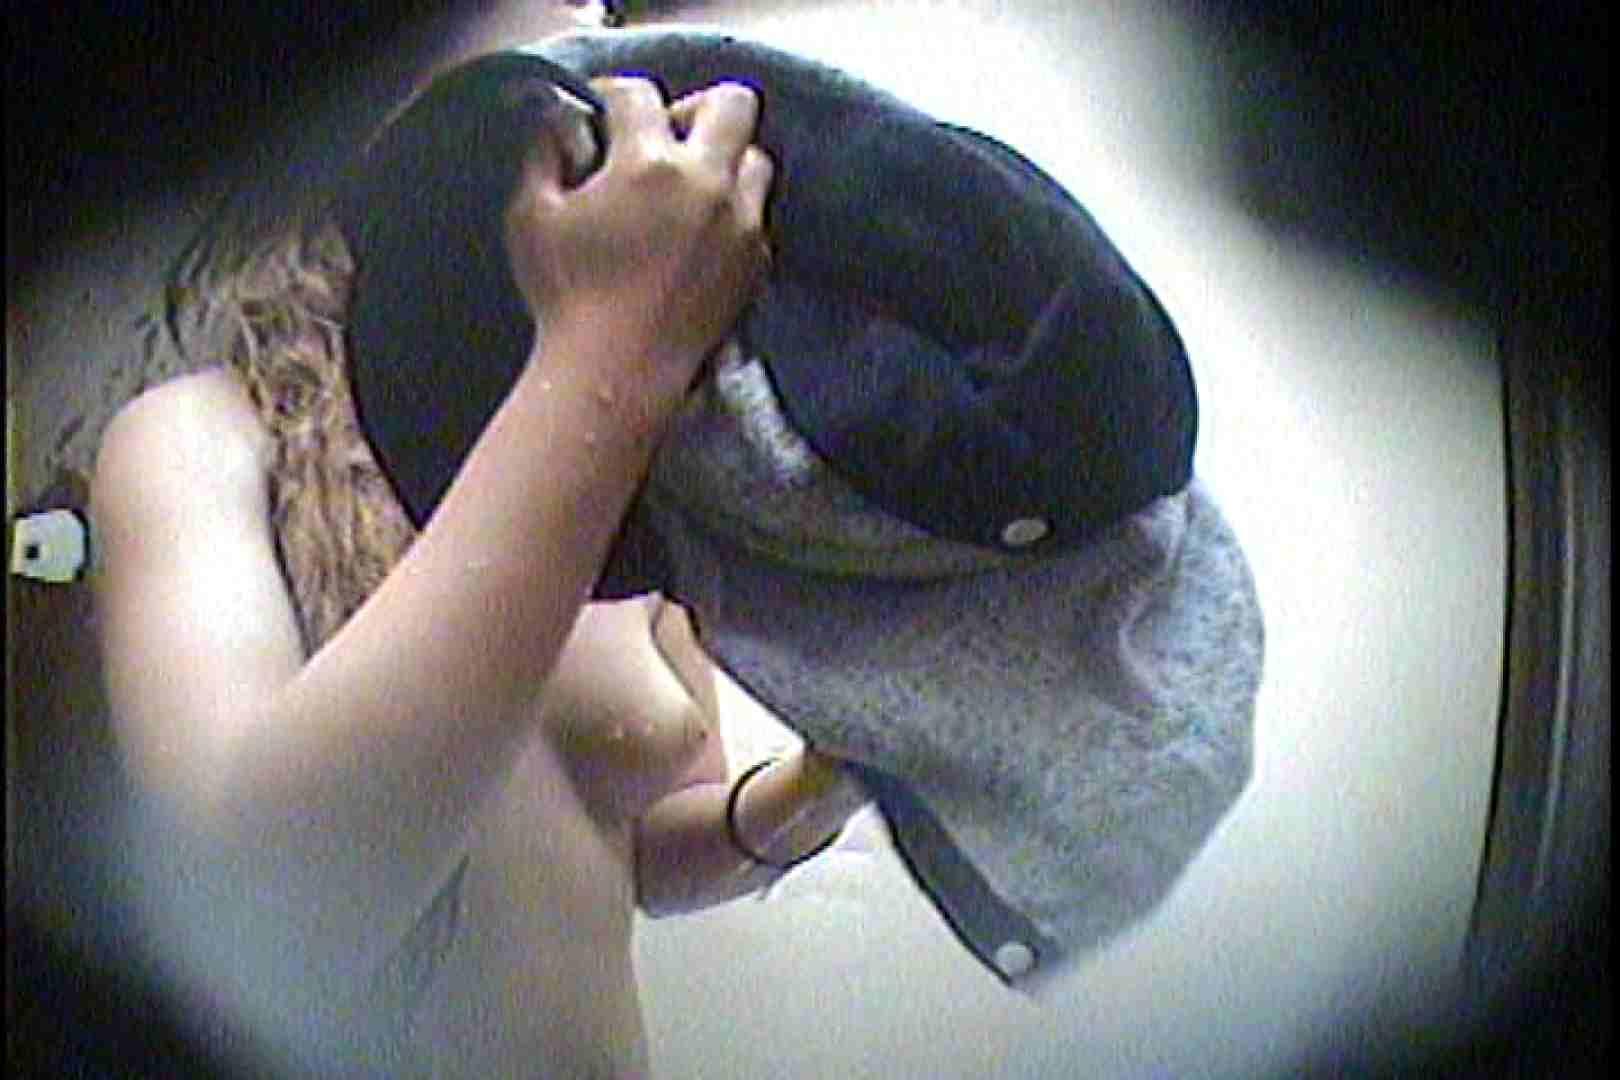 海の家の更衣室 Vol.21 OLのボディ   シャワー  99PIX 64